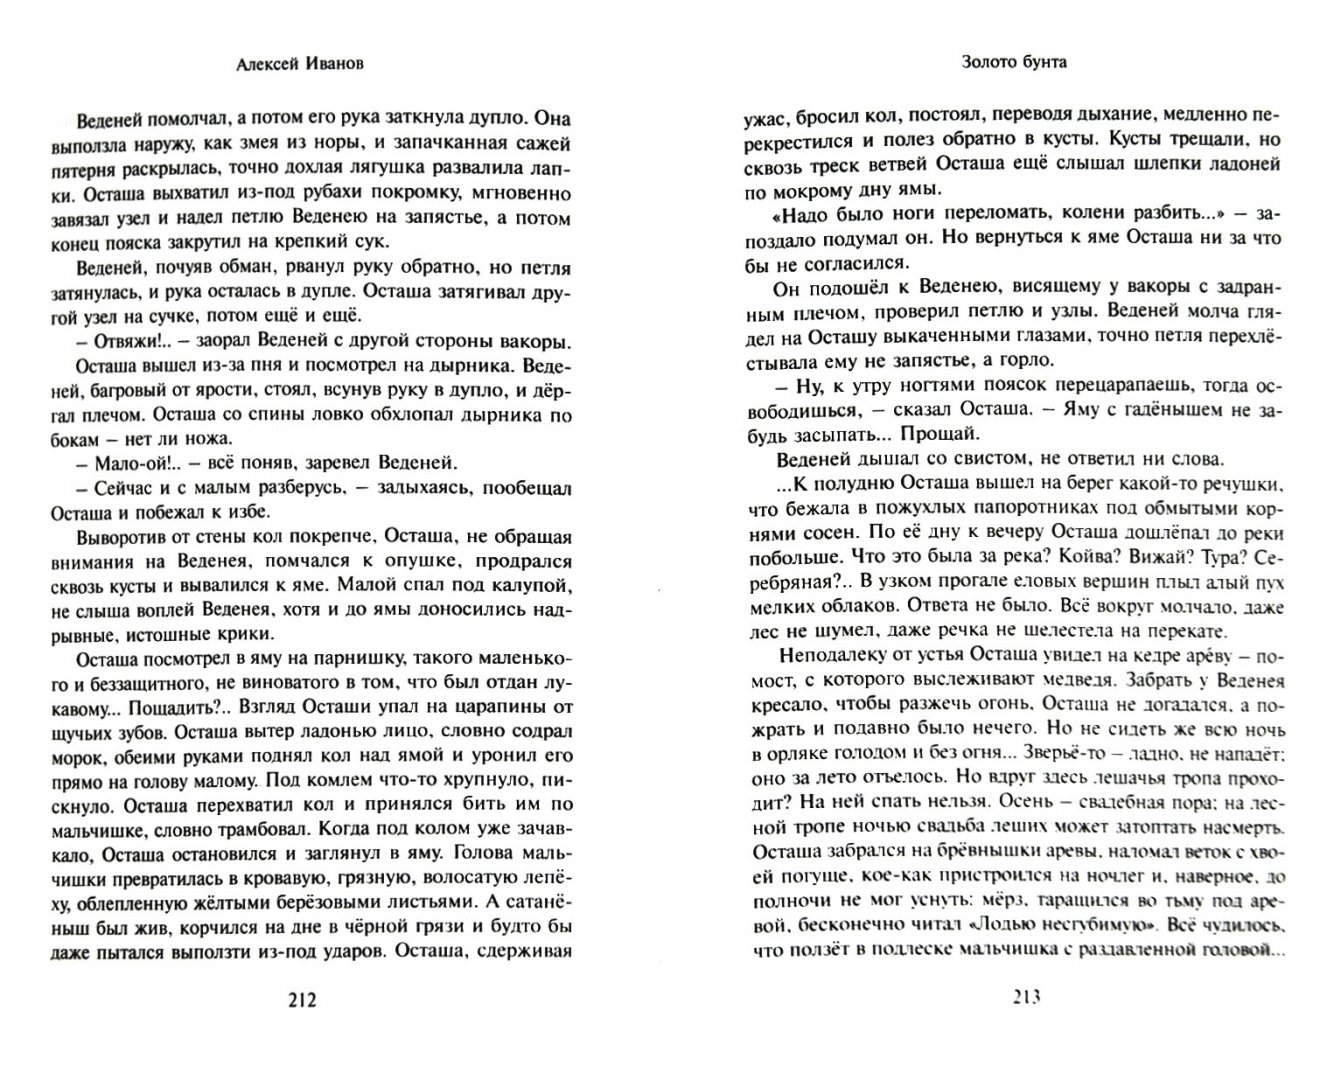 Иллюстрация 1 из 13 для Золото бунта - Алексей Иванов | Лабиринт - книги. Источник: Лабиринт